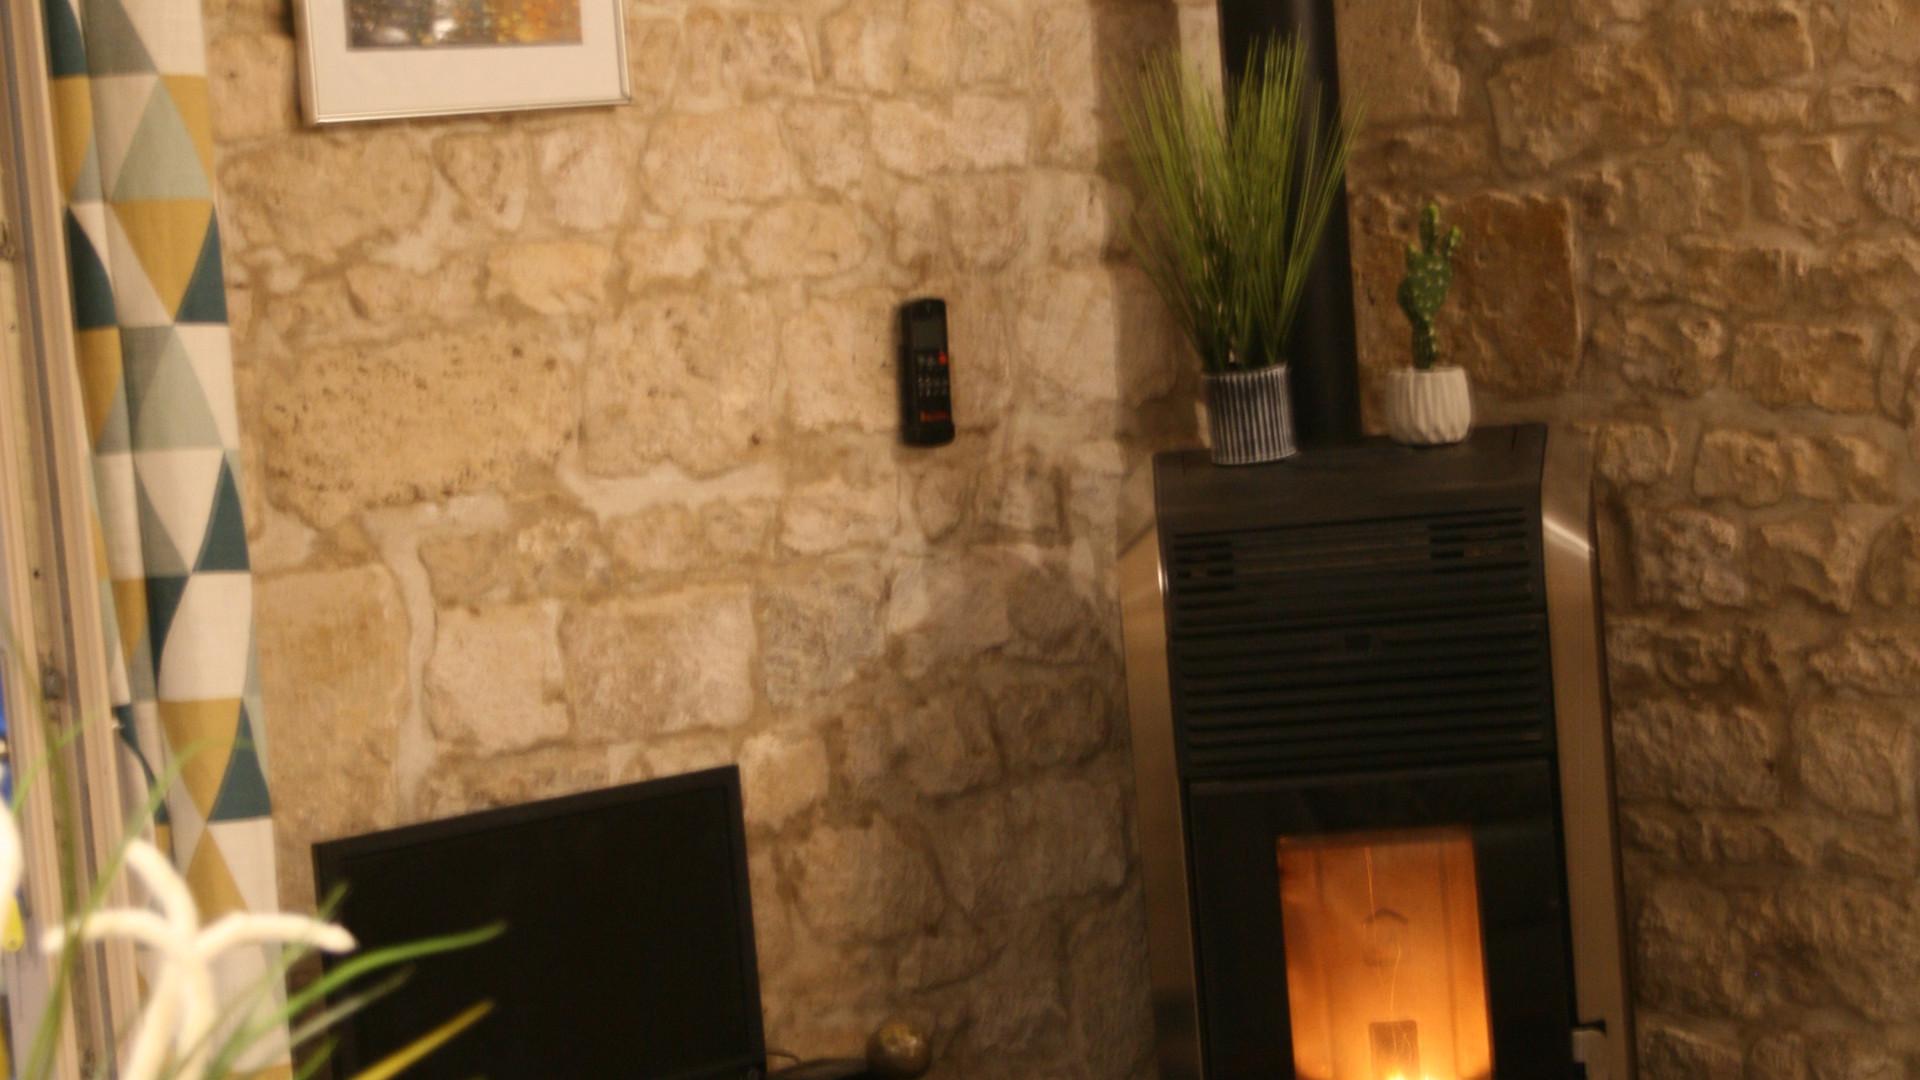 Wood pellet burner